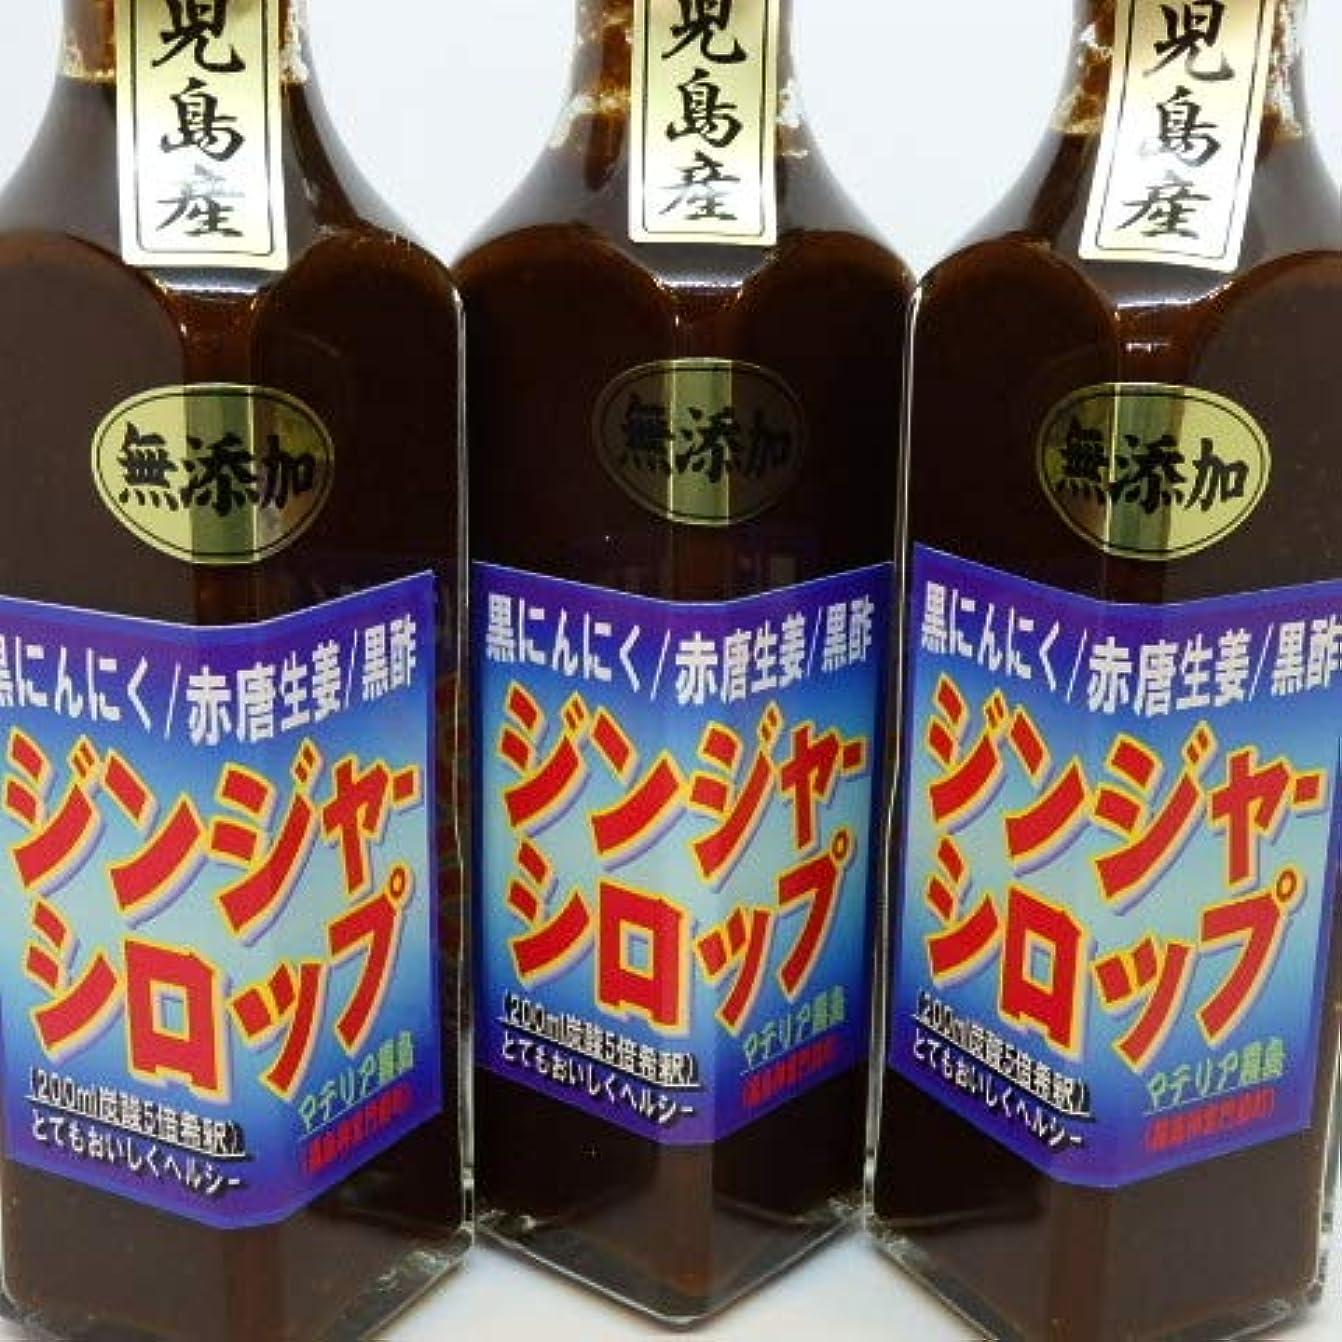 ヒロイック溶融畝間無添加健康食品/黒酢黒ジンジャ-/無添加/200ml×3組90日分¥10,800